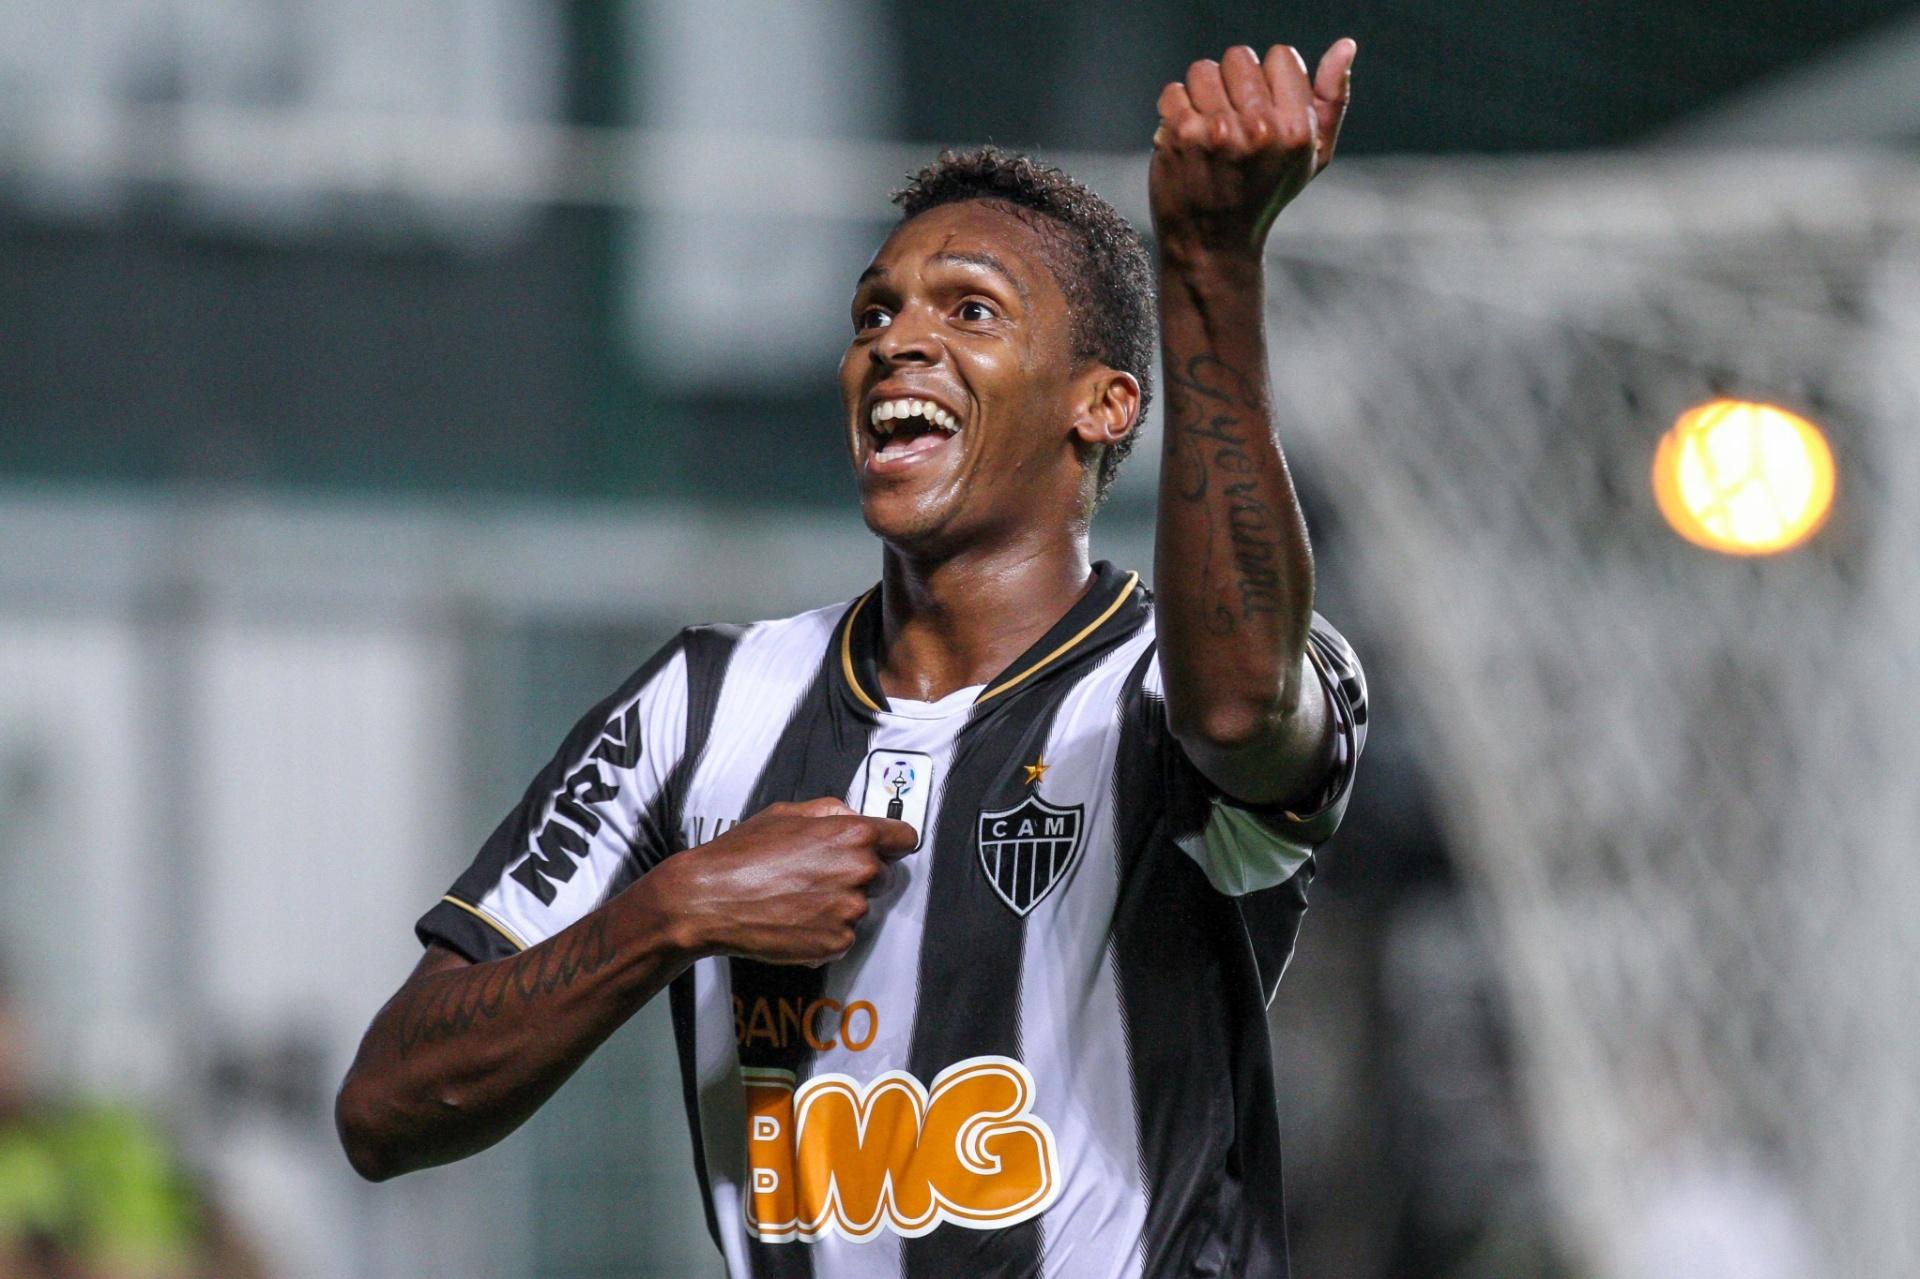 Atlético-MG goleia time reserva da Ponte e volta ao 5º lugar do Brasileiro  - 03 10 2013 - UOL Esporte ad4ae0d414eff